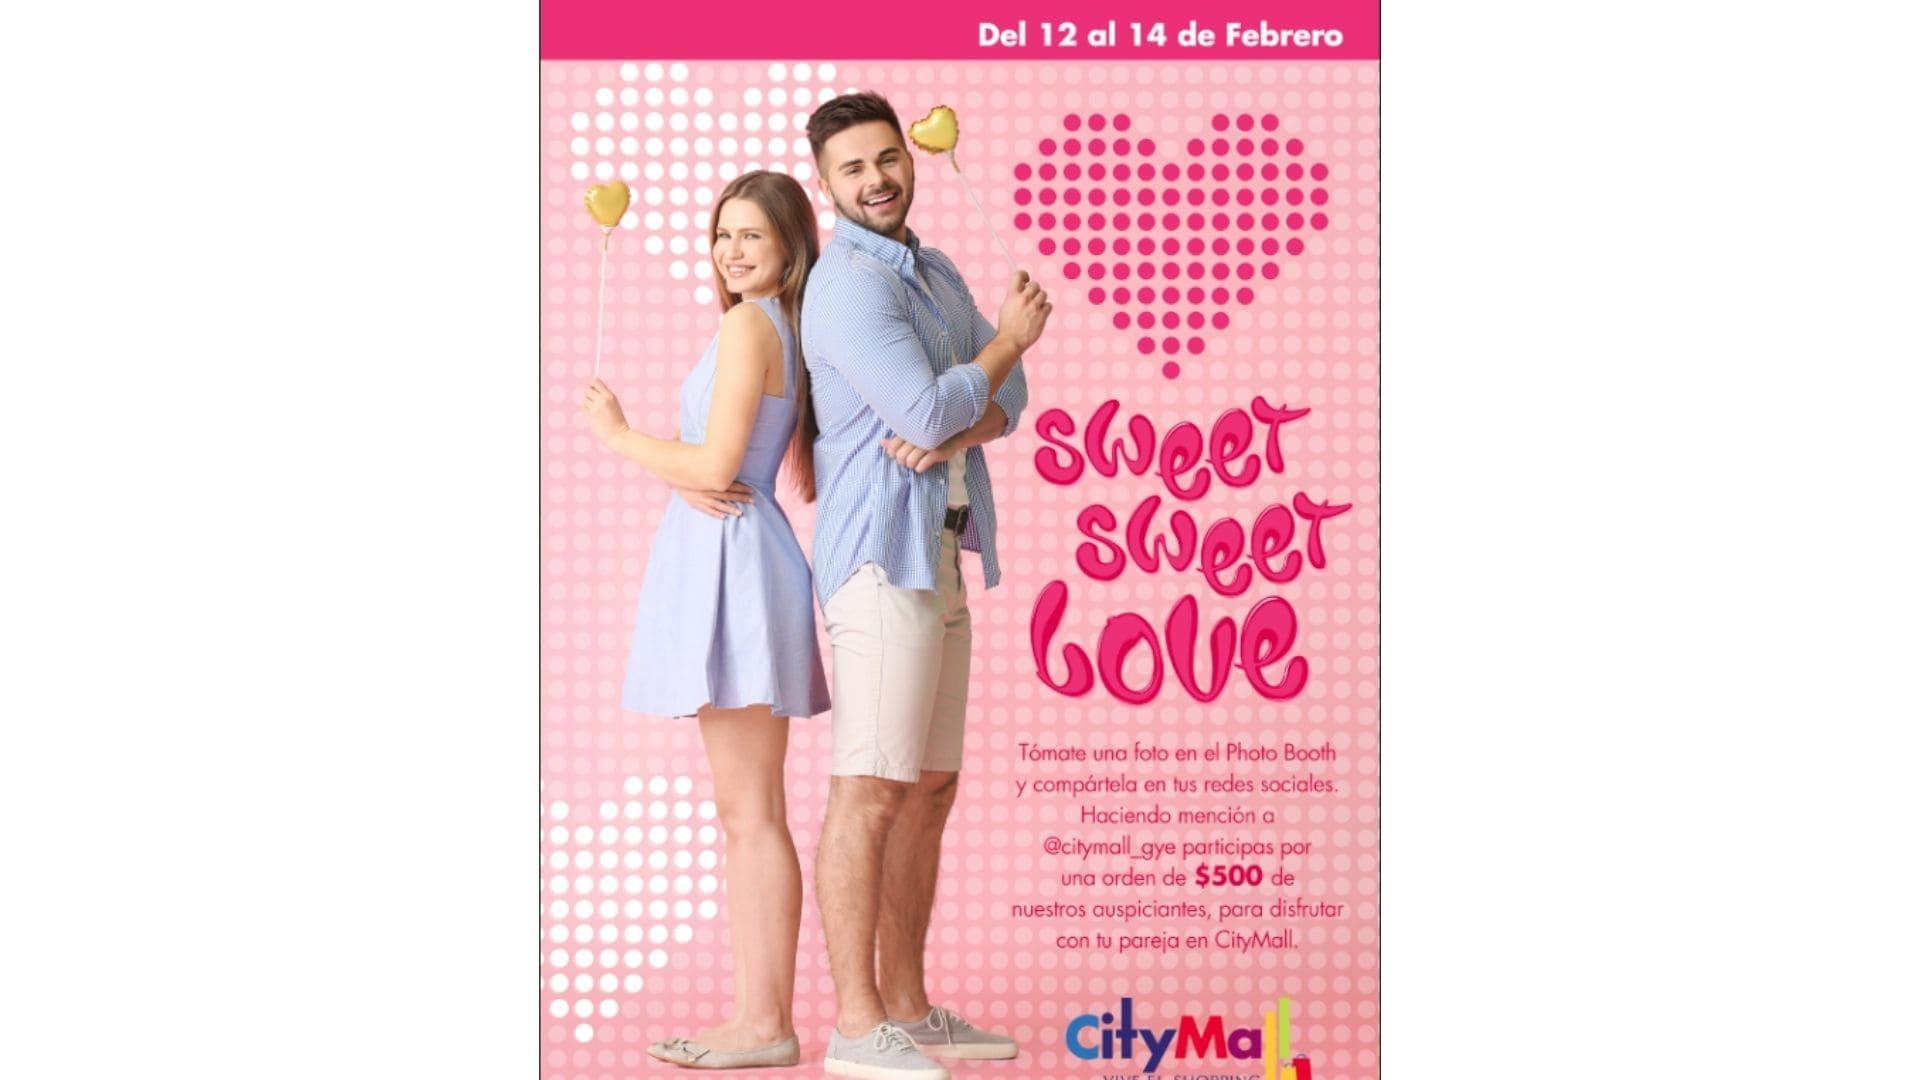 Disfruta de un San Valentín con moda y amor en CityMall